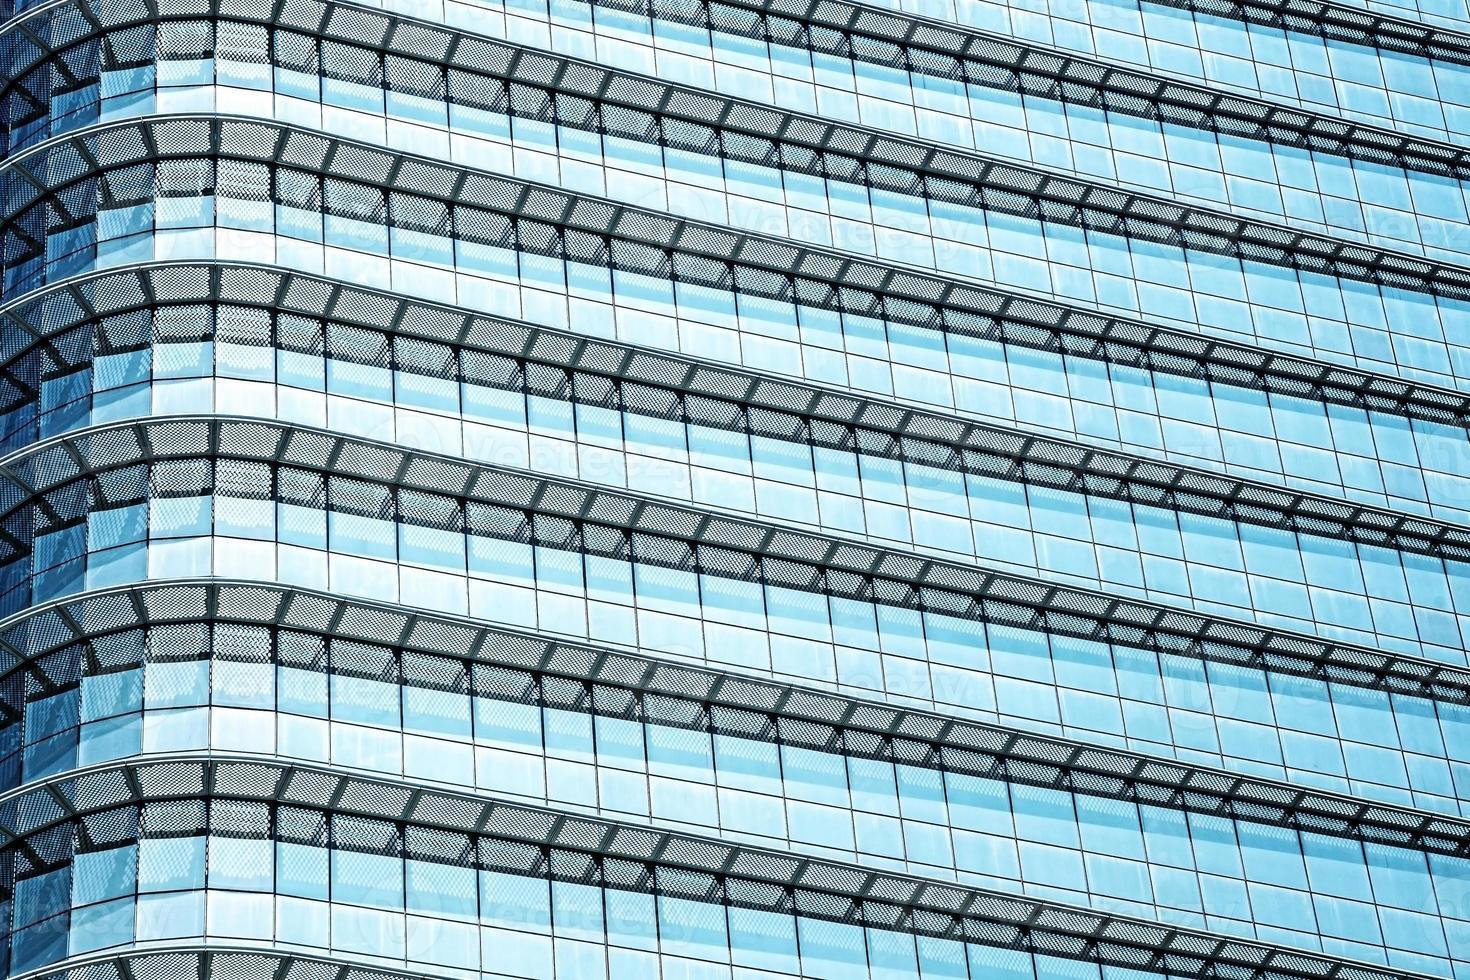 Fondo abstracto azul, vidrio y acero del edificio moderno. foto